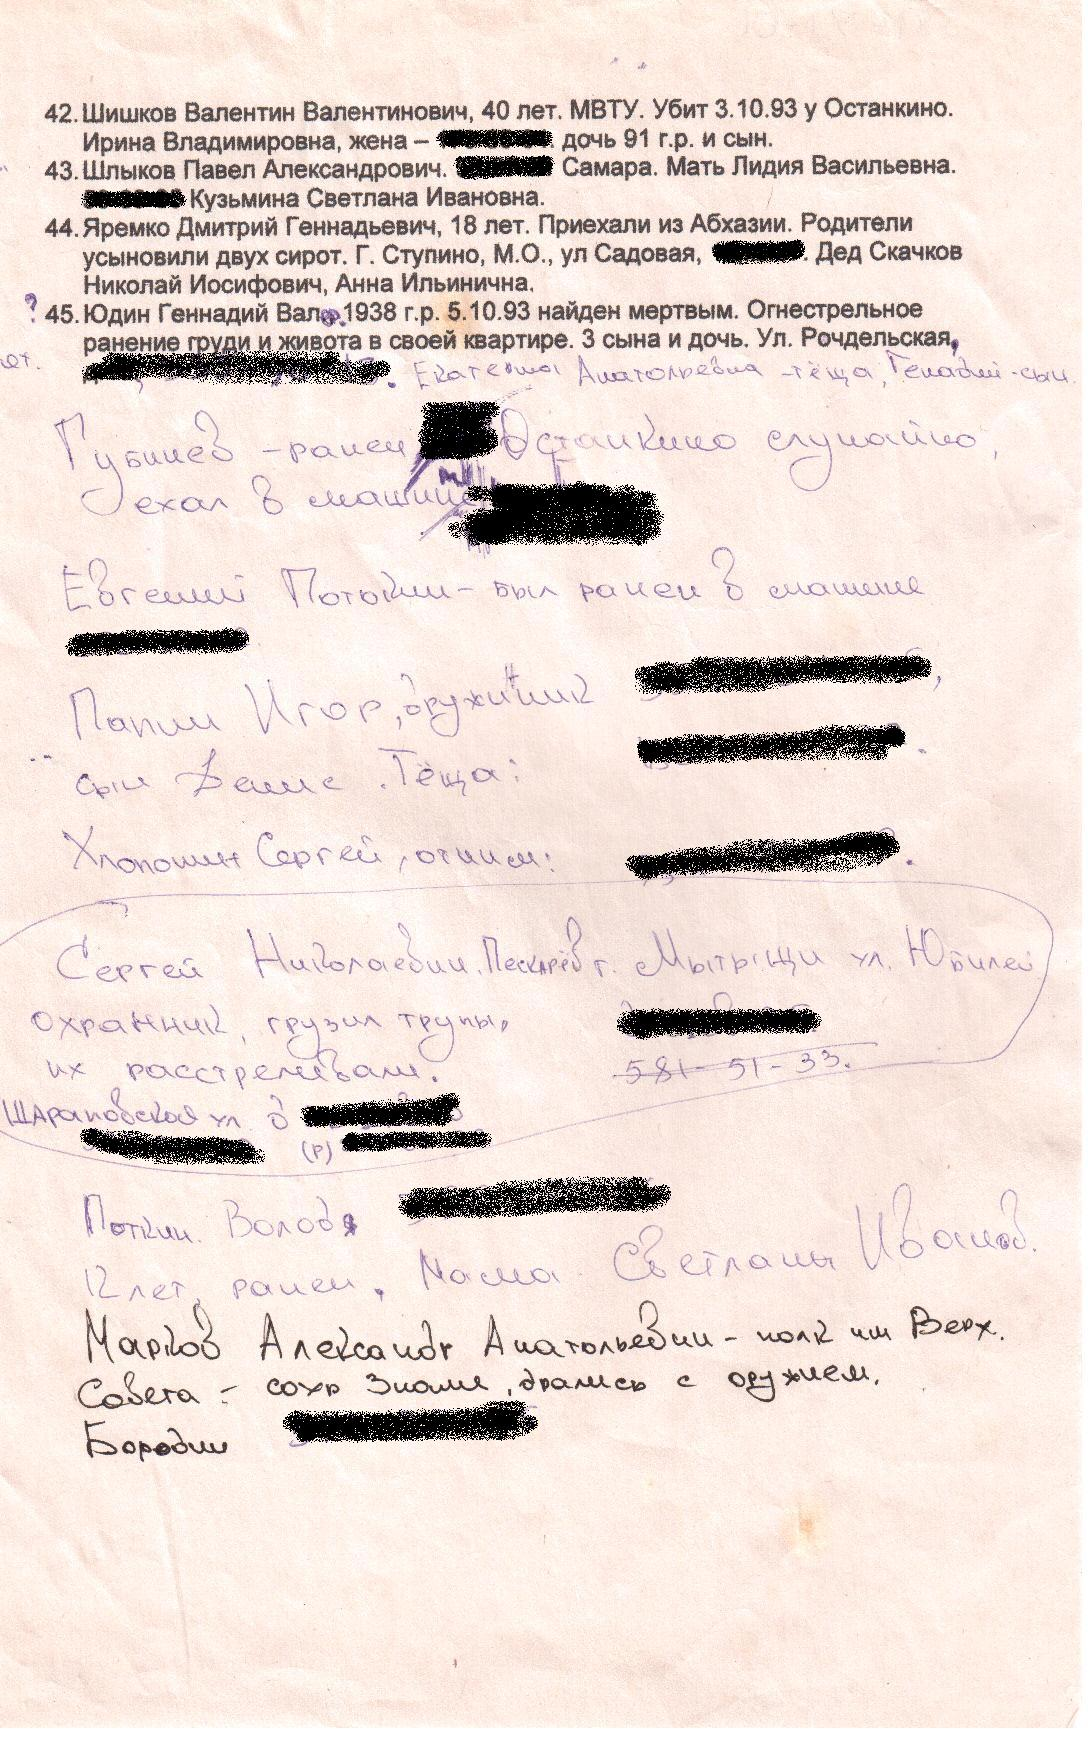 Список погибших 3-4 октября 1993 года.